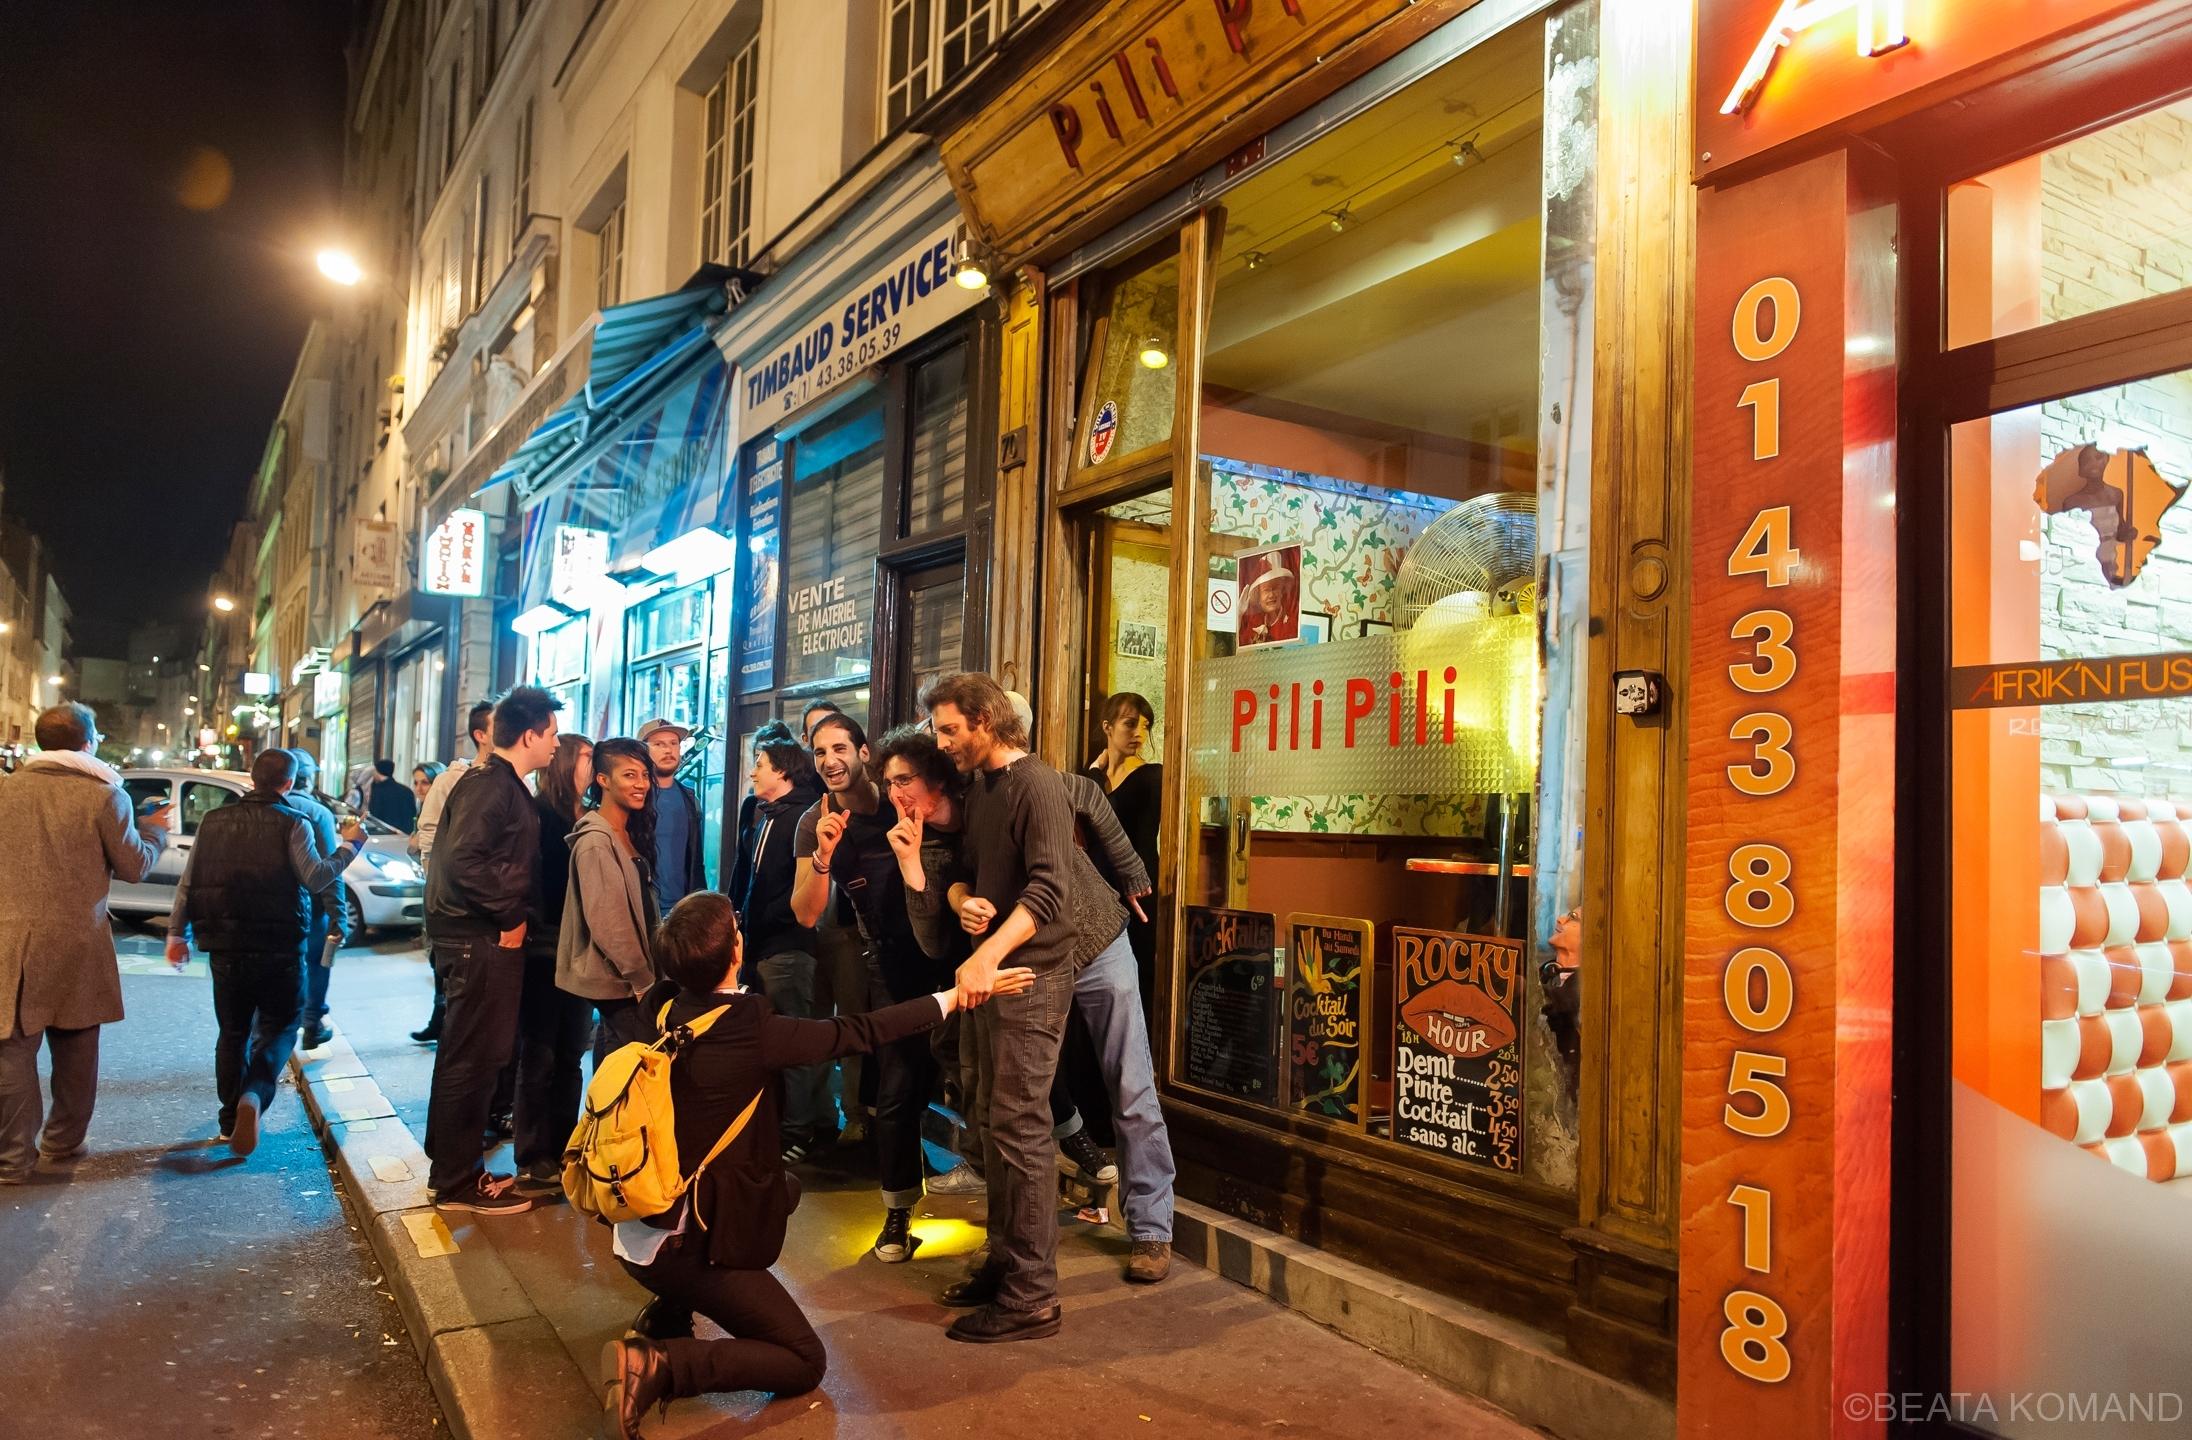 La bar a une sonde installée au dessus de l'enseigne, au bord de la fénêtes au dessus qui envoie un SMS sur le téléphone portable de barman quand le niveau de bruit est dépassé. Le 27/09/2012 à Paris.